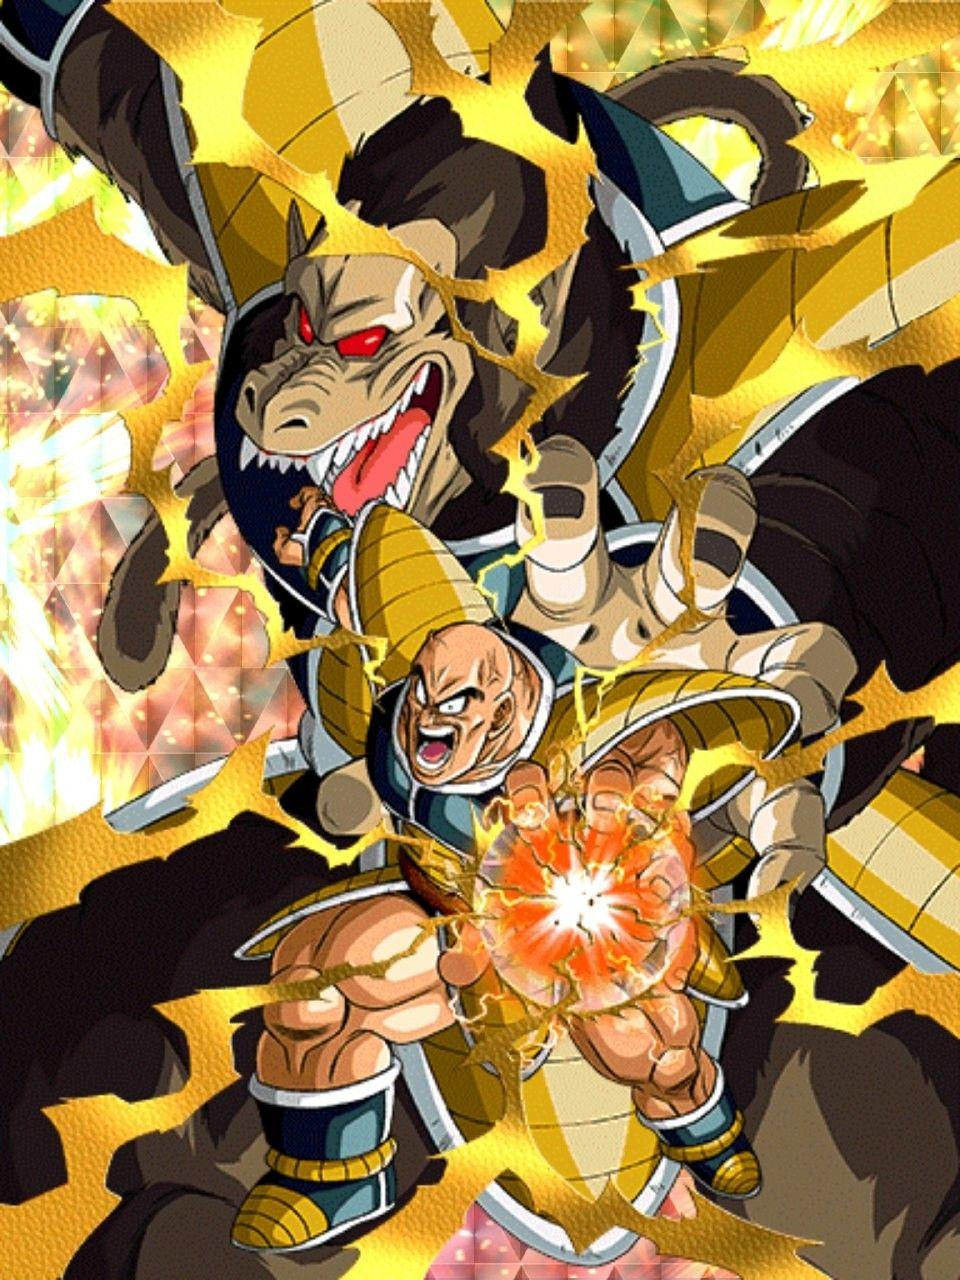 Nappa and his Oozaru form Dragon ball art, Anime, Dragon